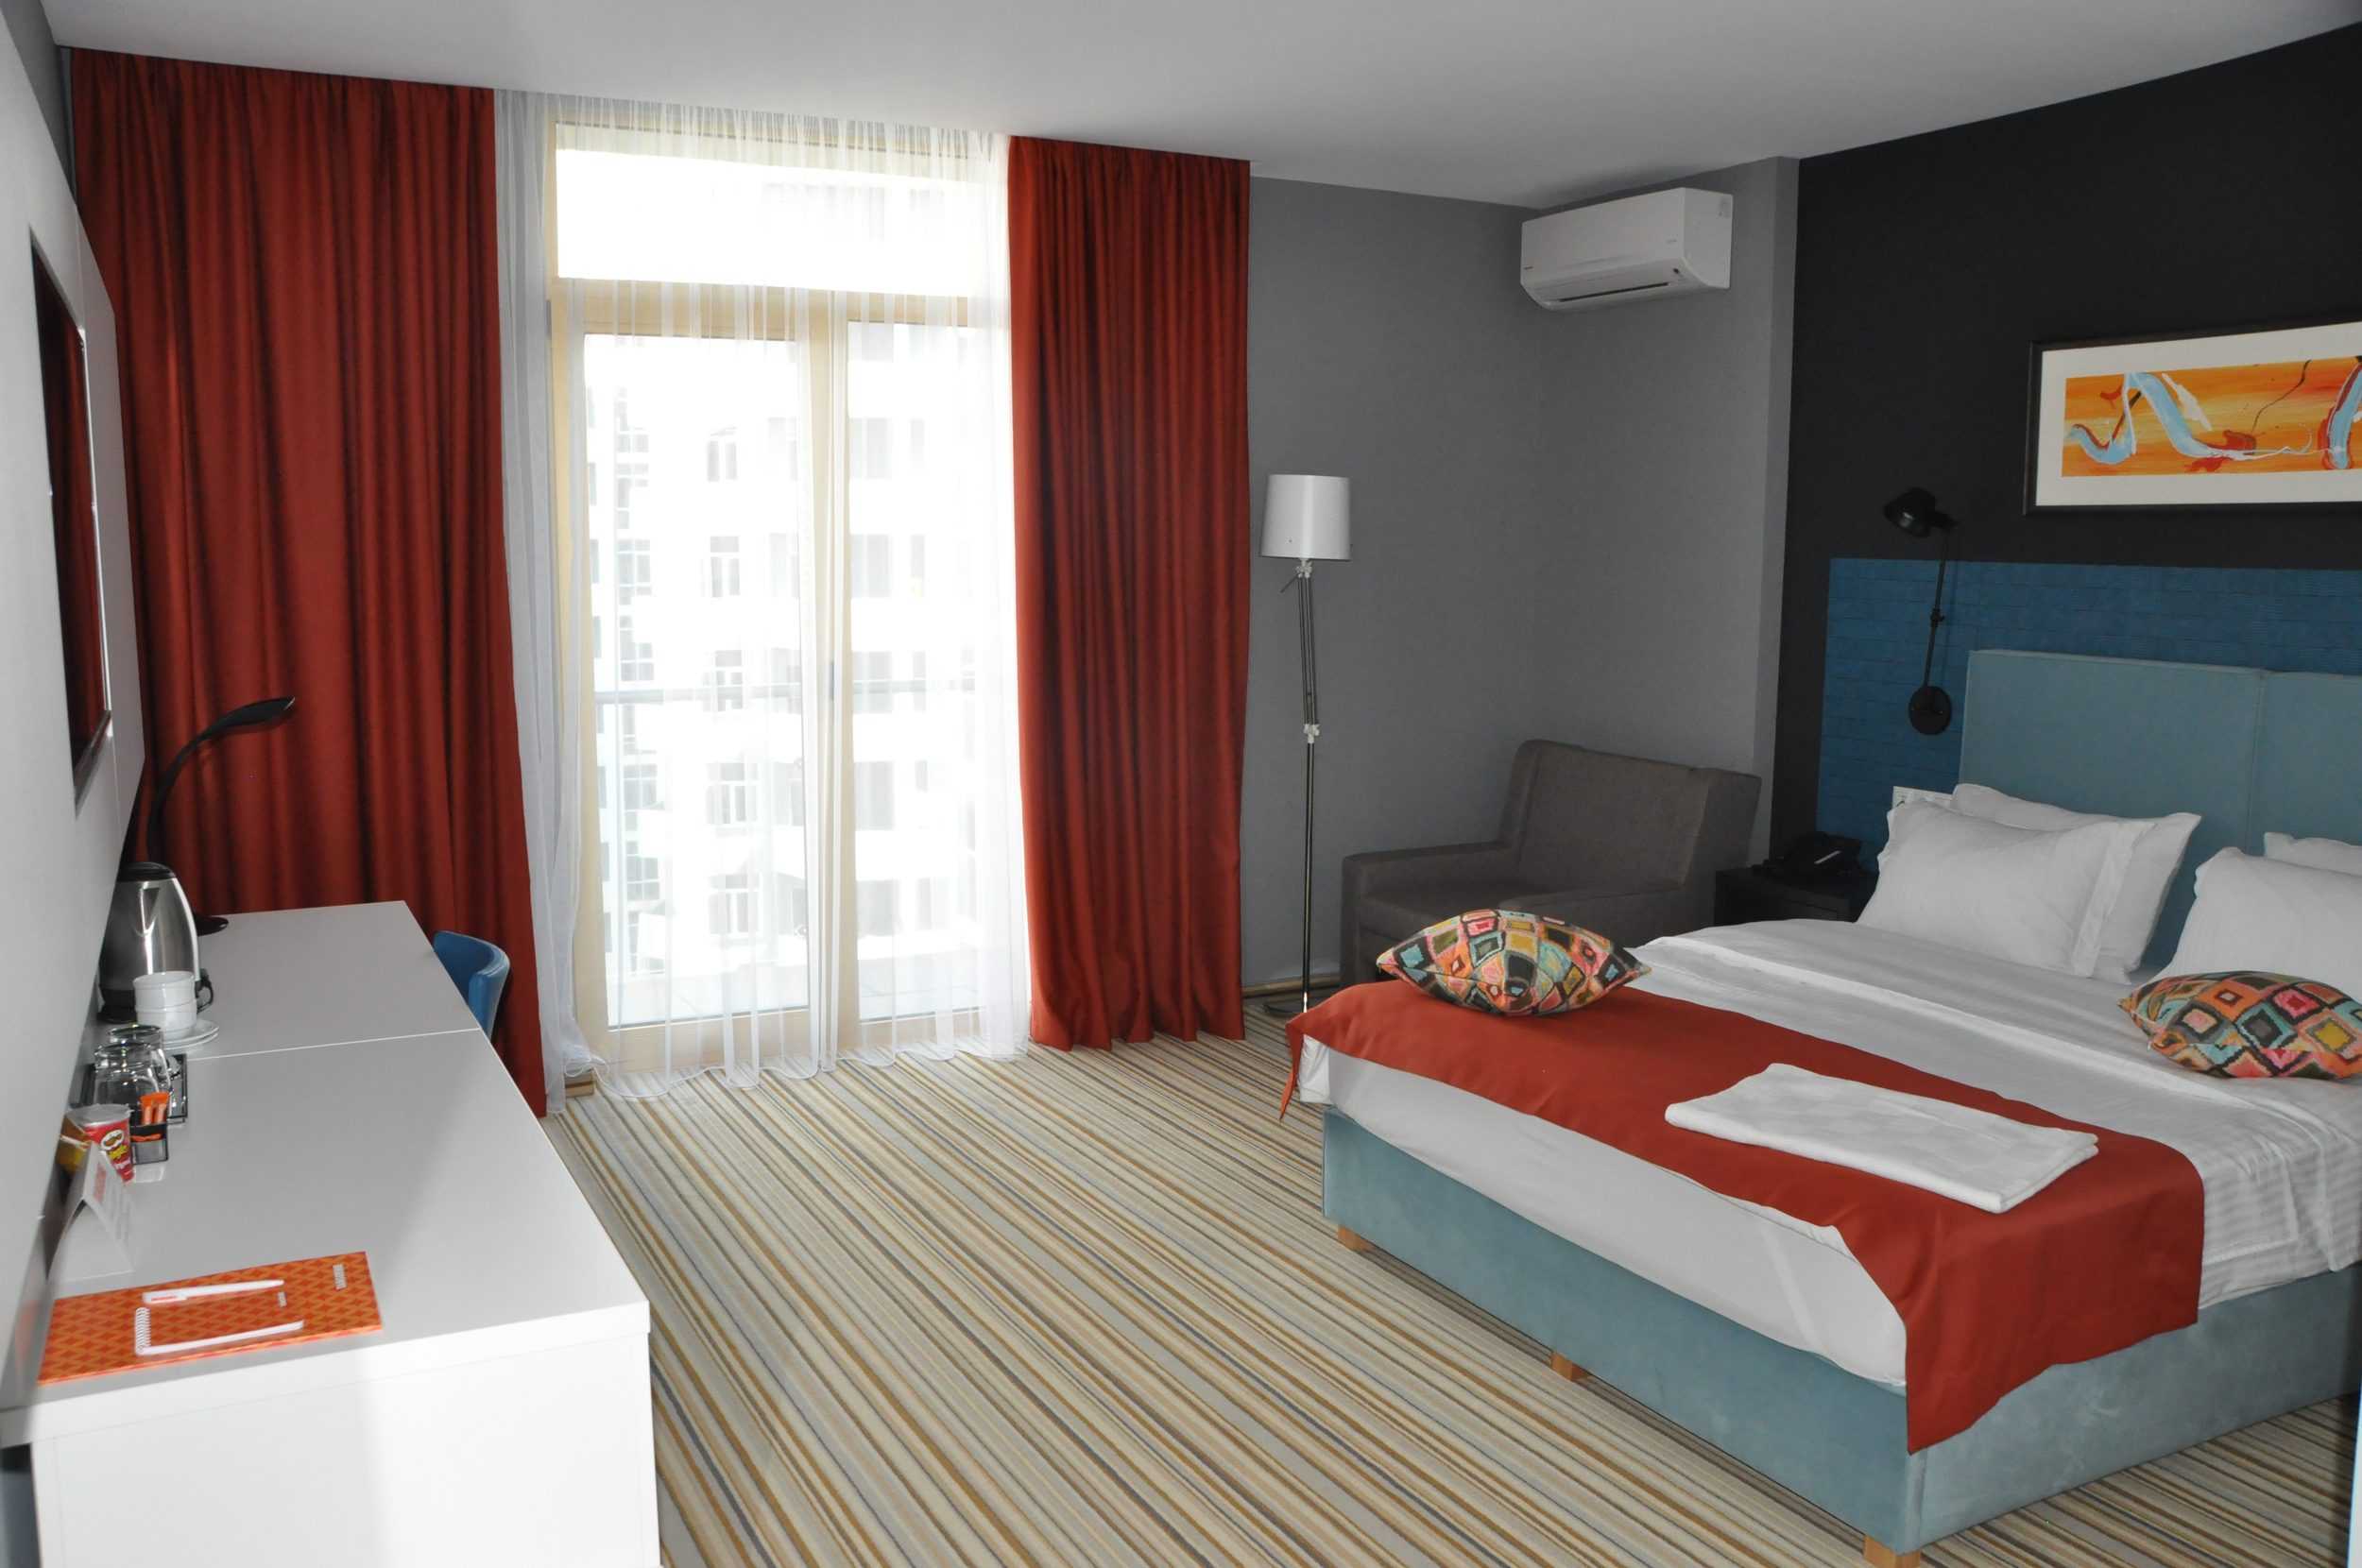 tangerine_apart-hotel_delux_4